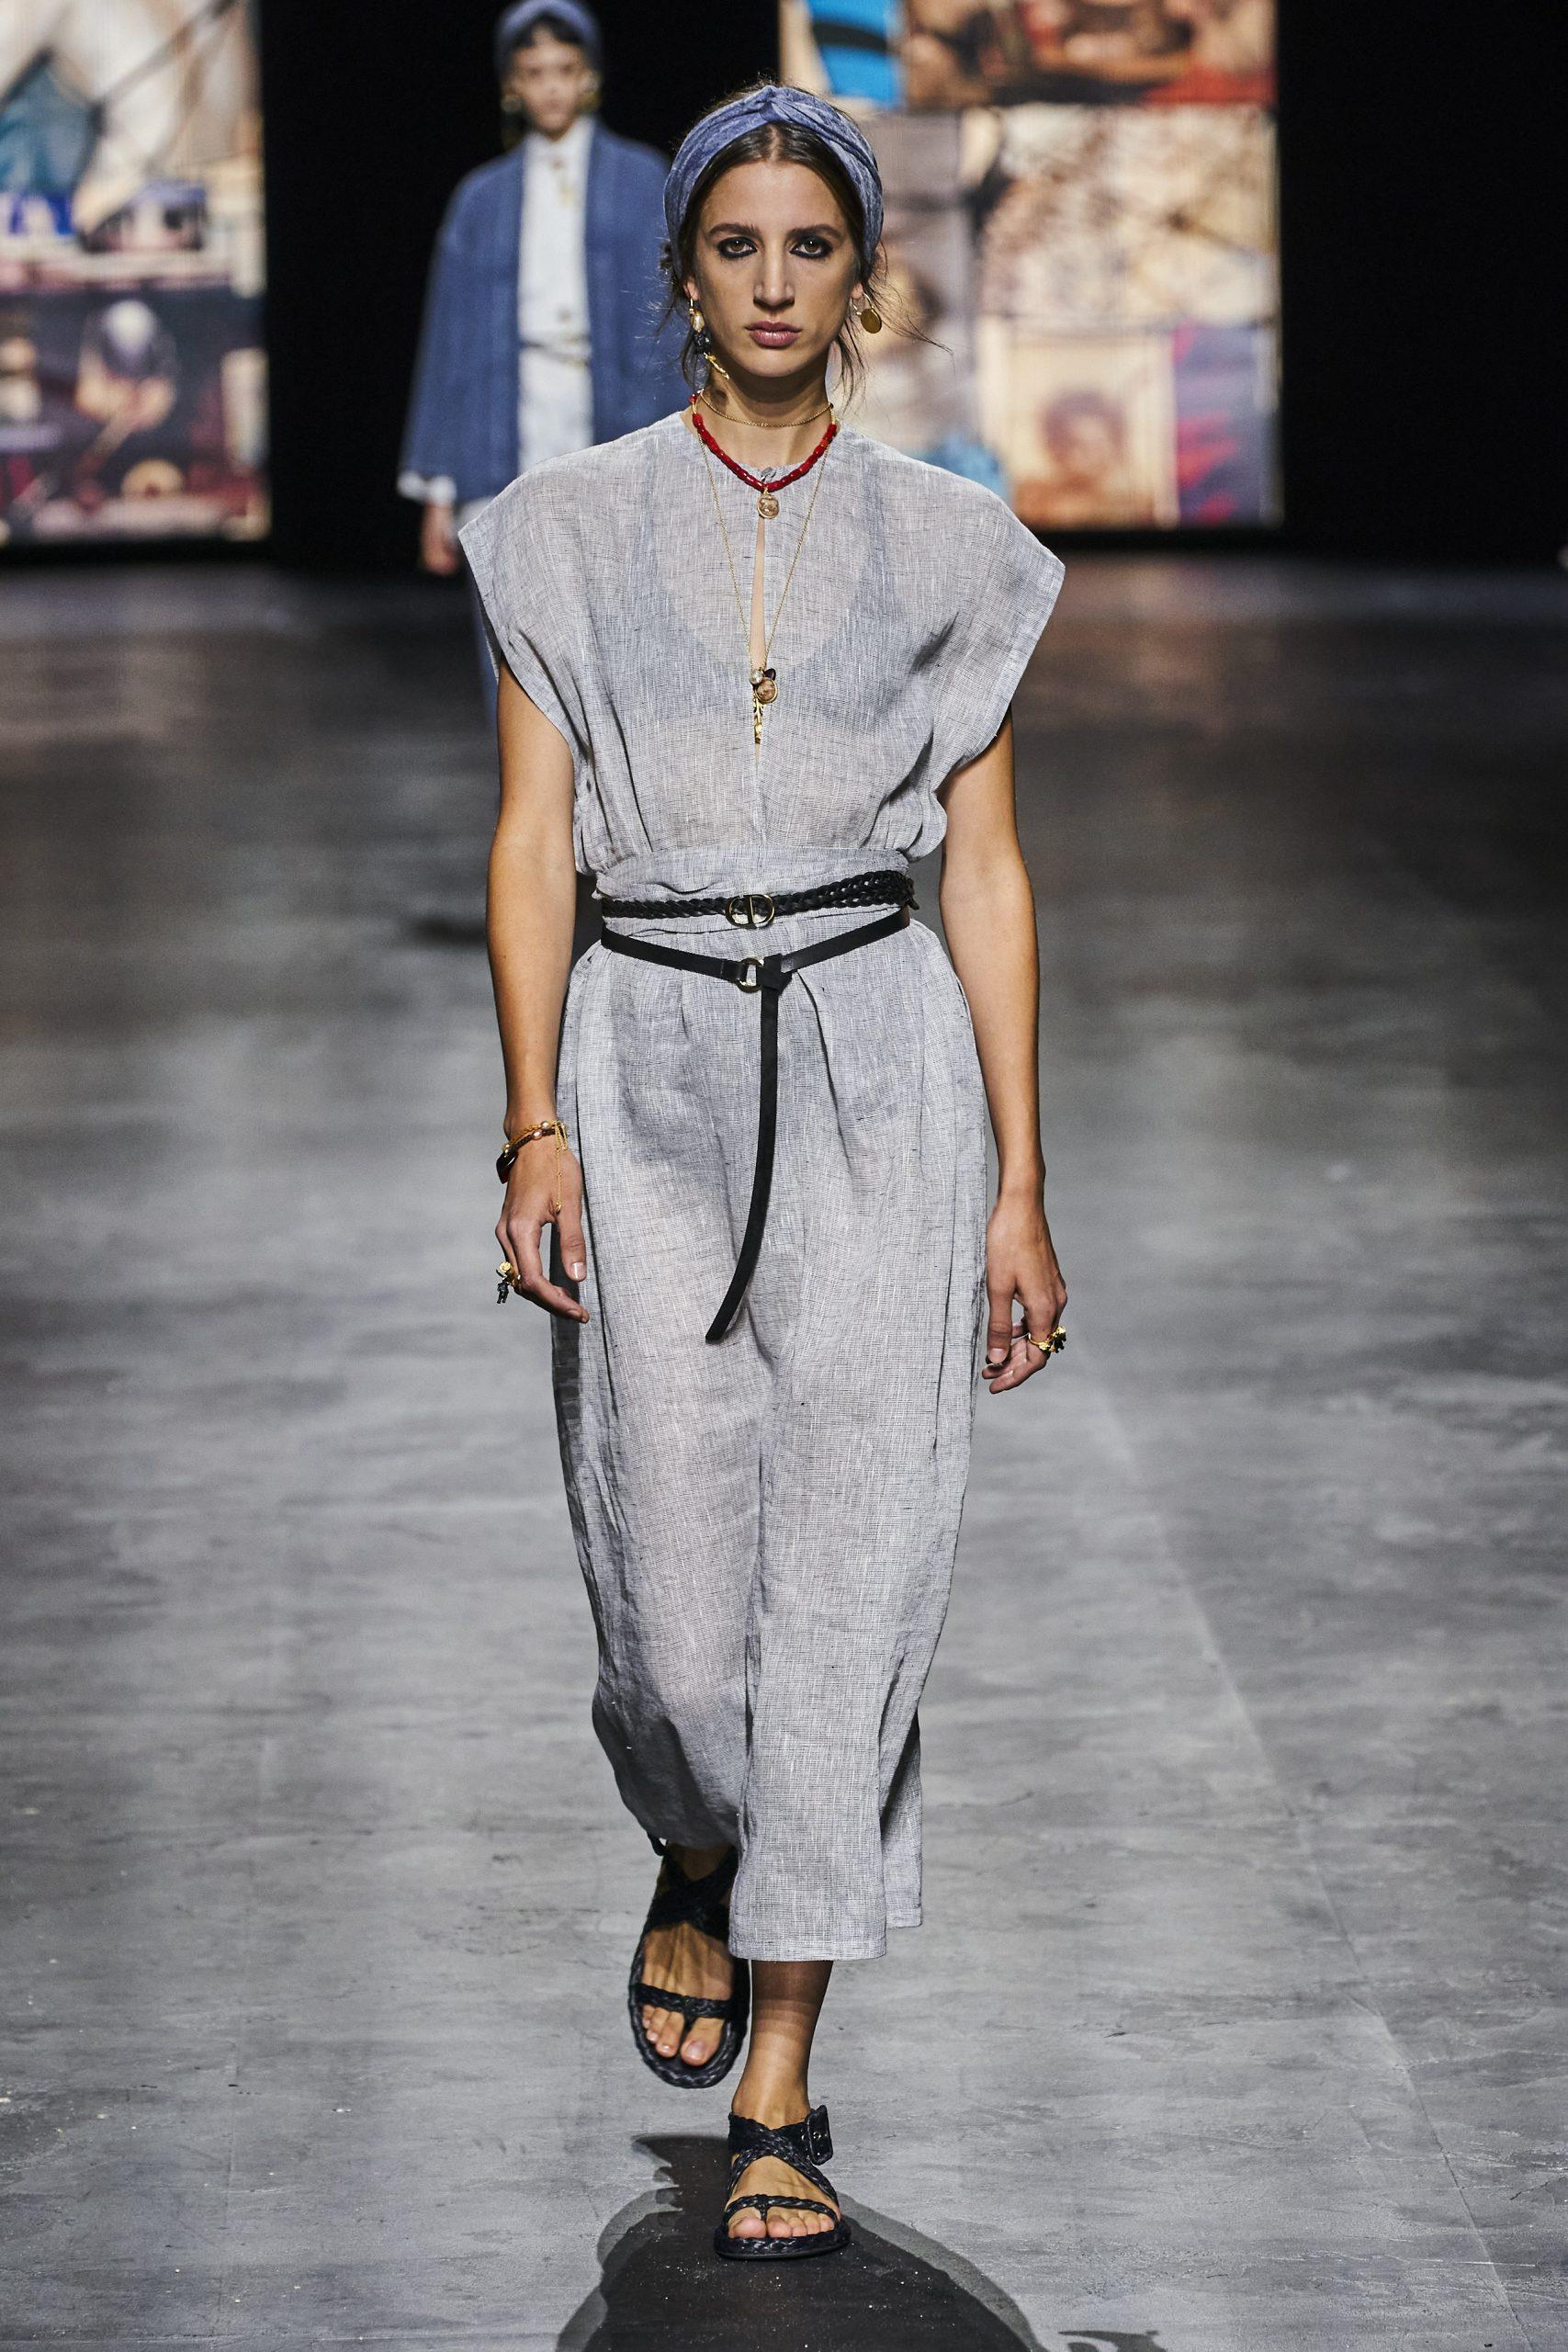 14. kép: Párizsi divathét - Christian Dior - 2021 tavasz-nyár - ready to wear